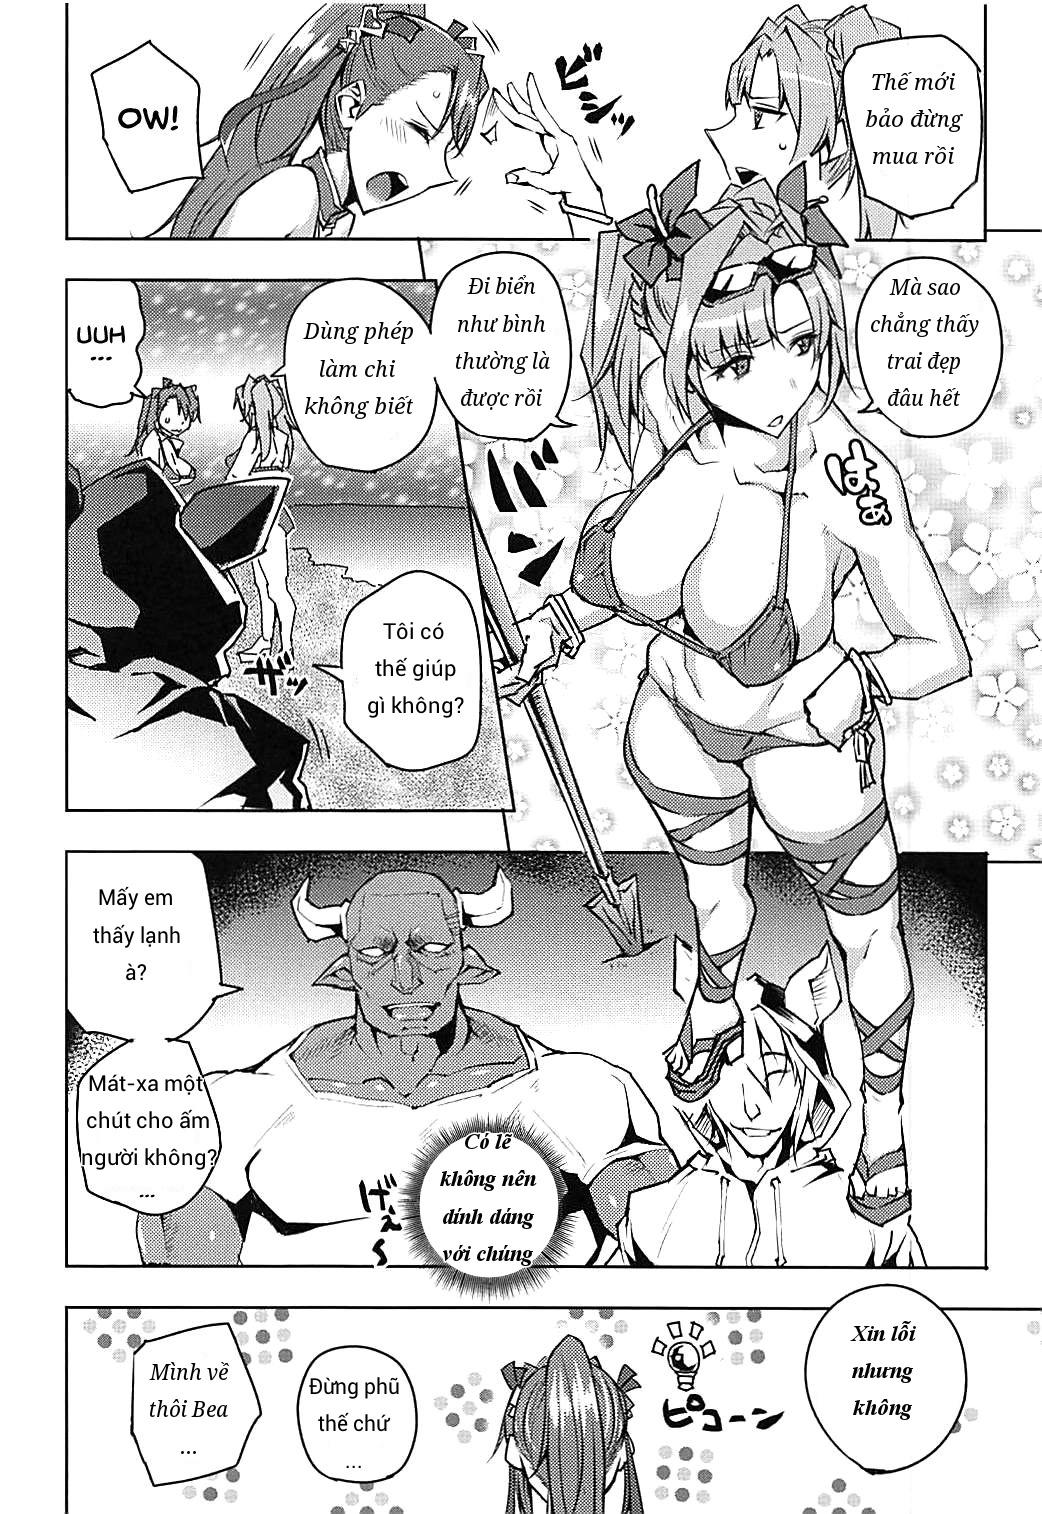 Hình ảnh  trong bài viết Futari ni Full Chain